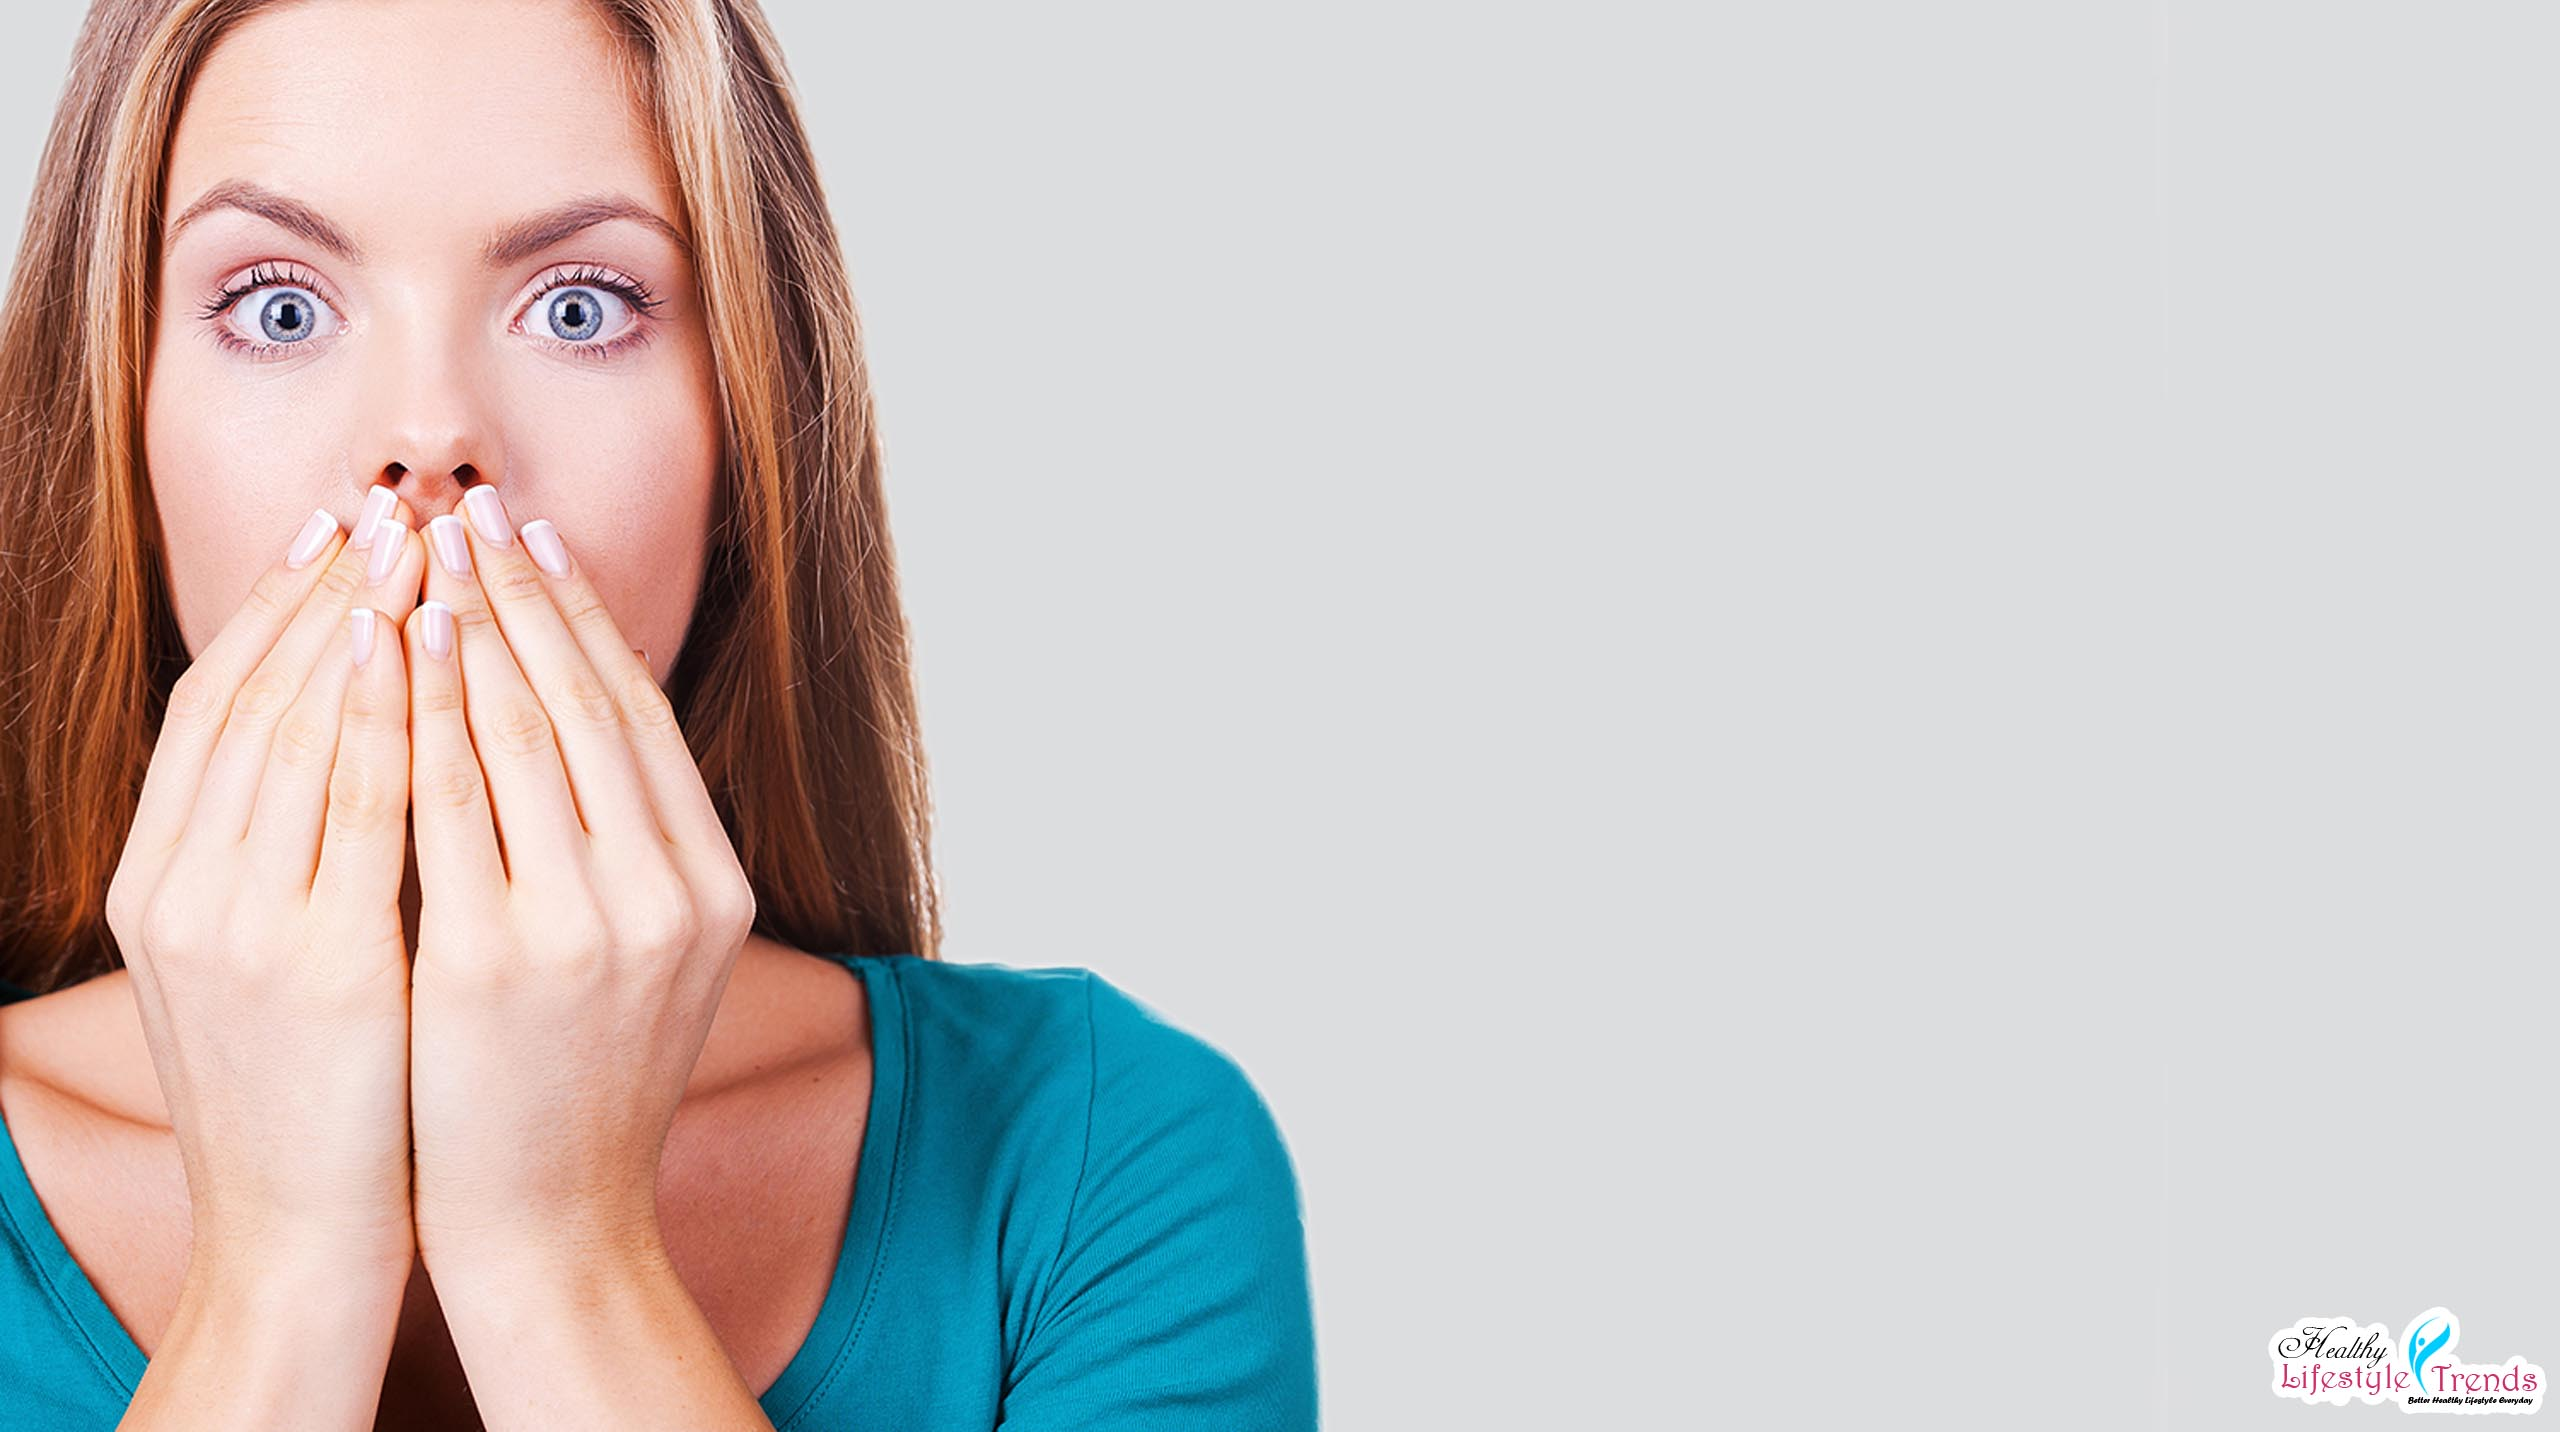 Getting rid of Facial hair the natural way